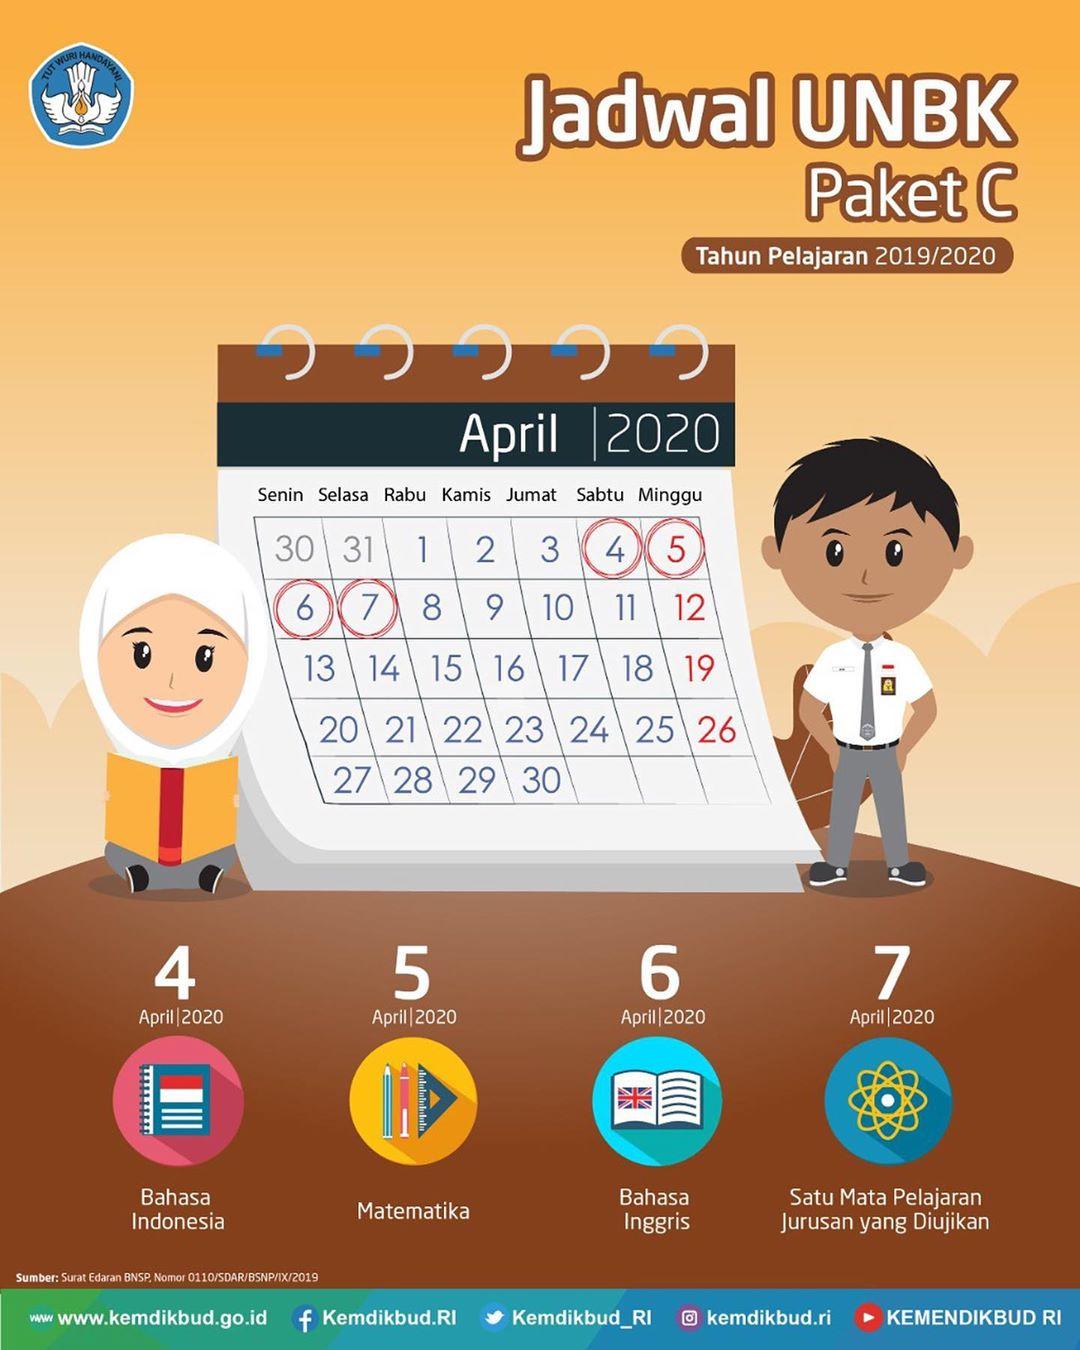 Jadwal UNBK Paket C Tahun Pelajaran 2019/2020